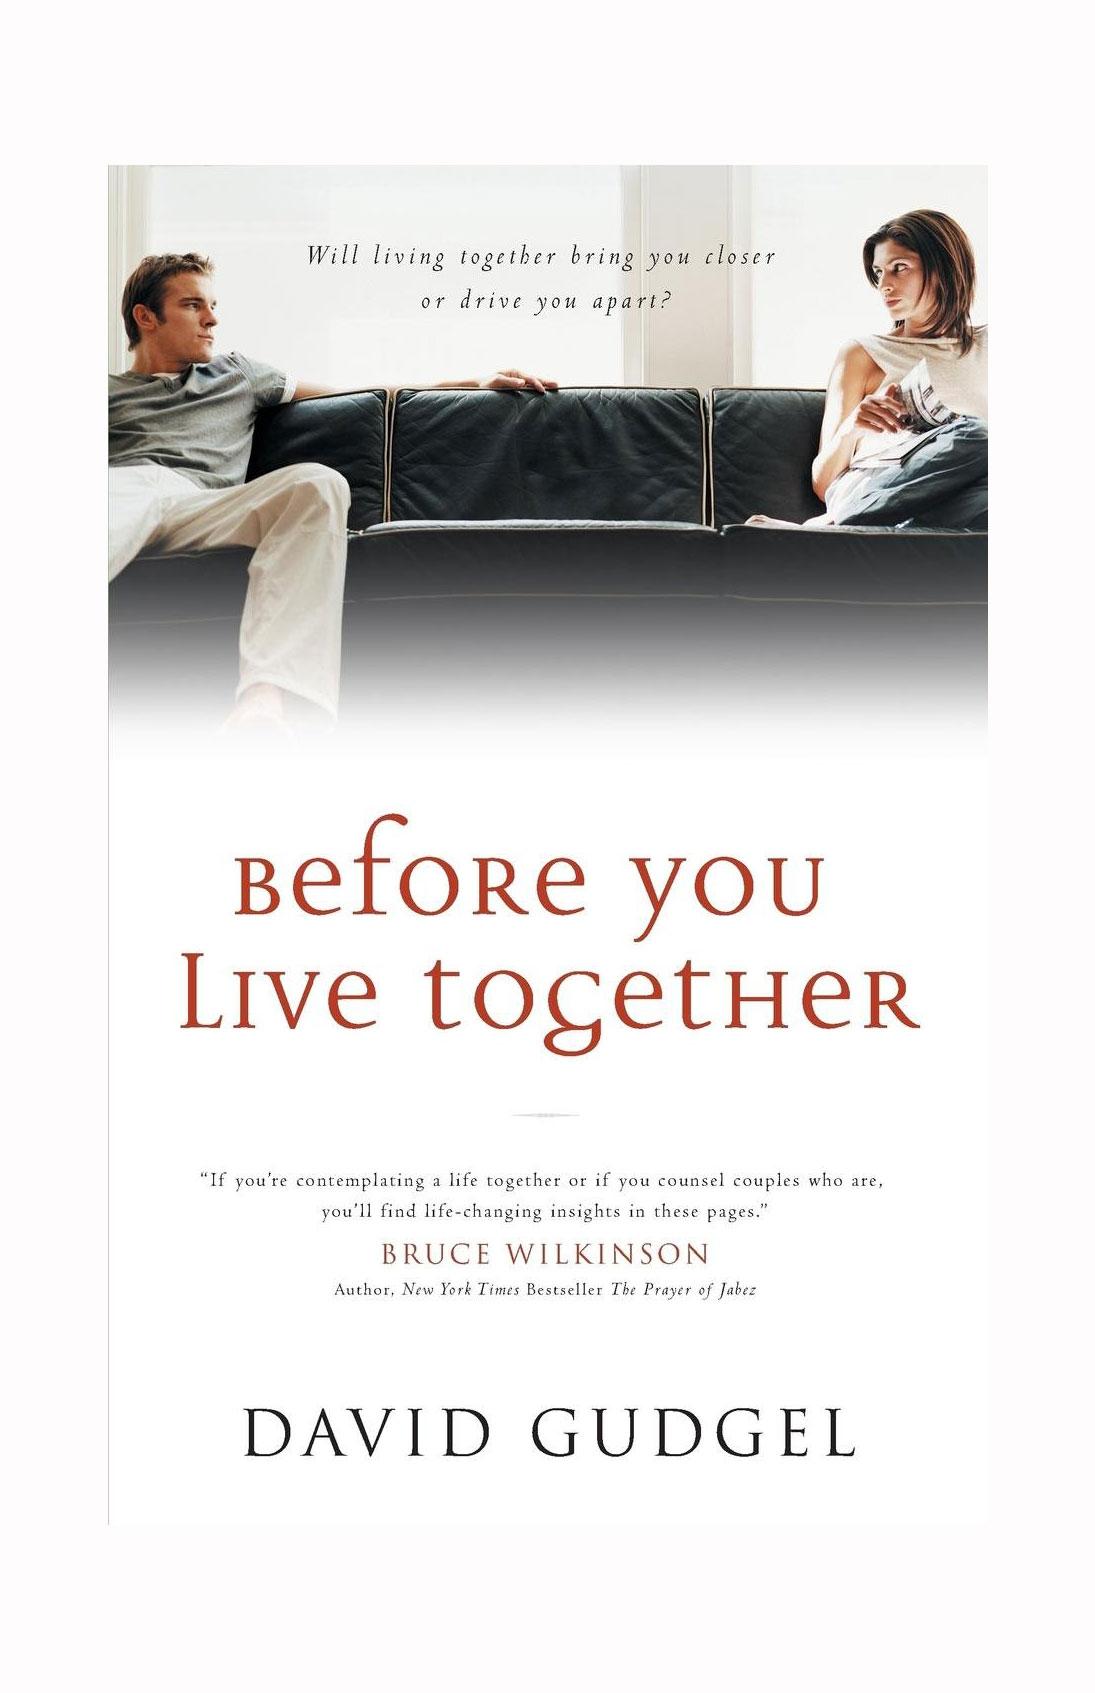 antes de morar junto amazon Os melhores livros para ler antes de dar o próximo passo com seu SO